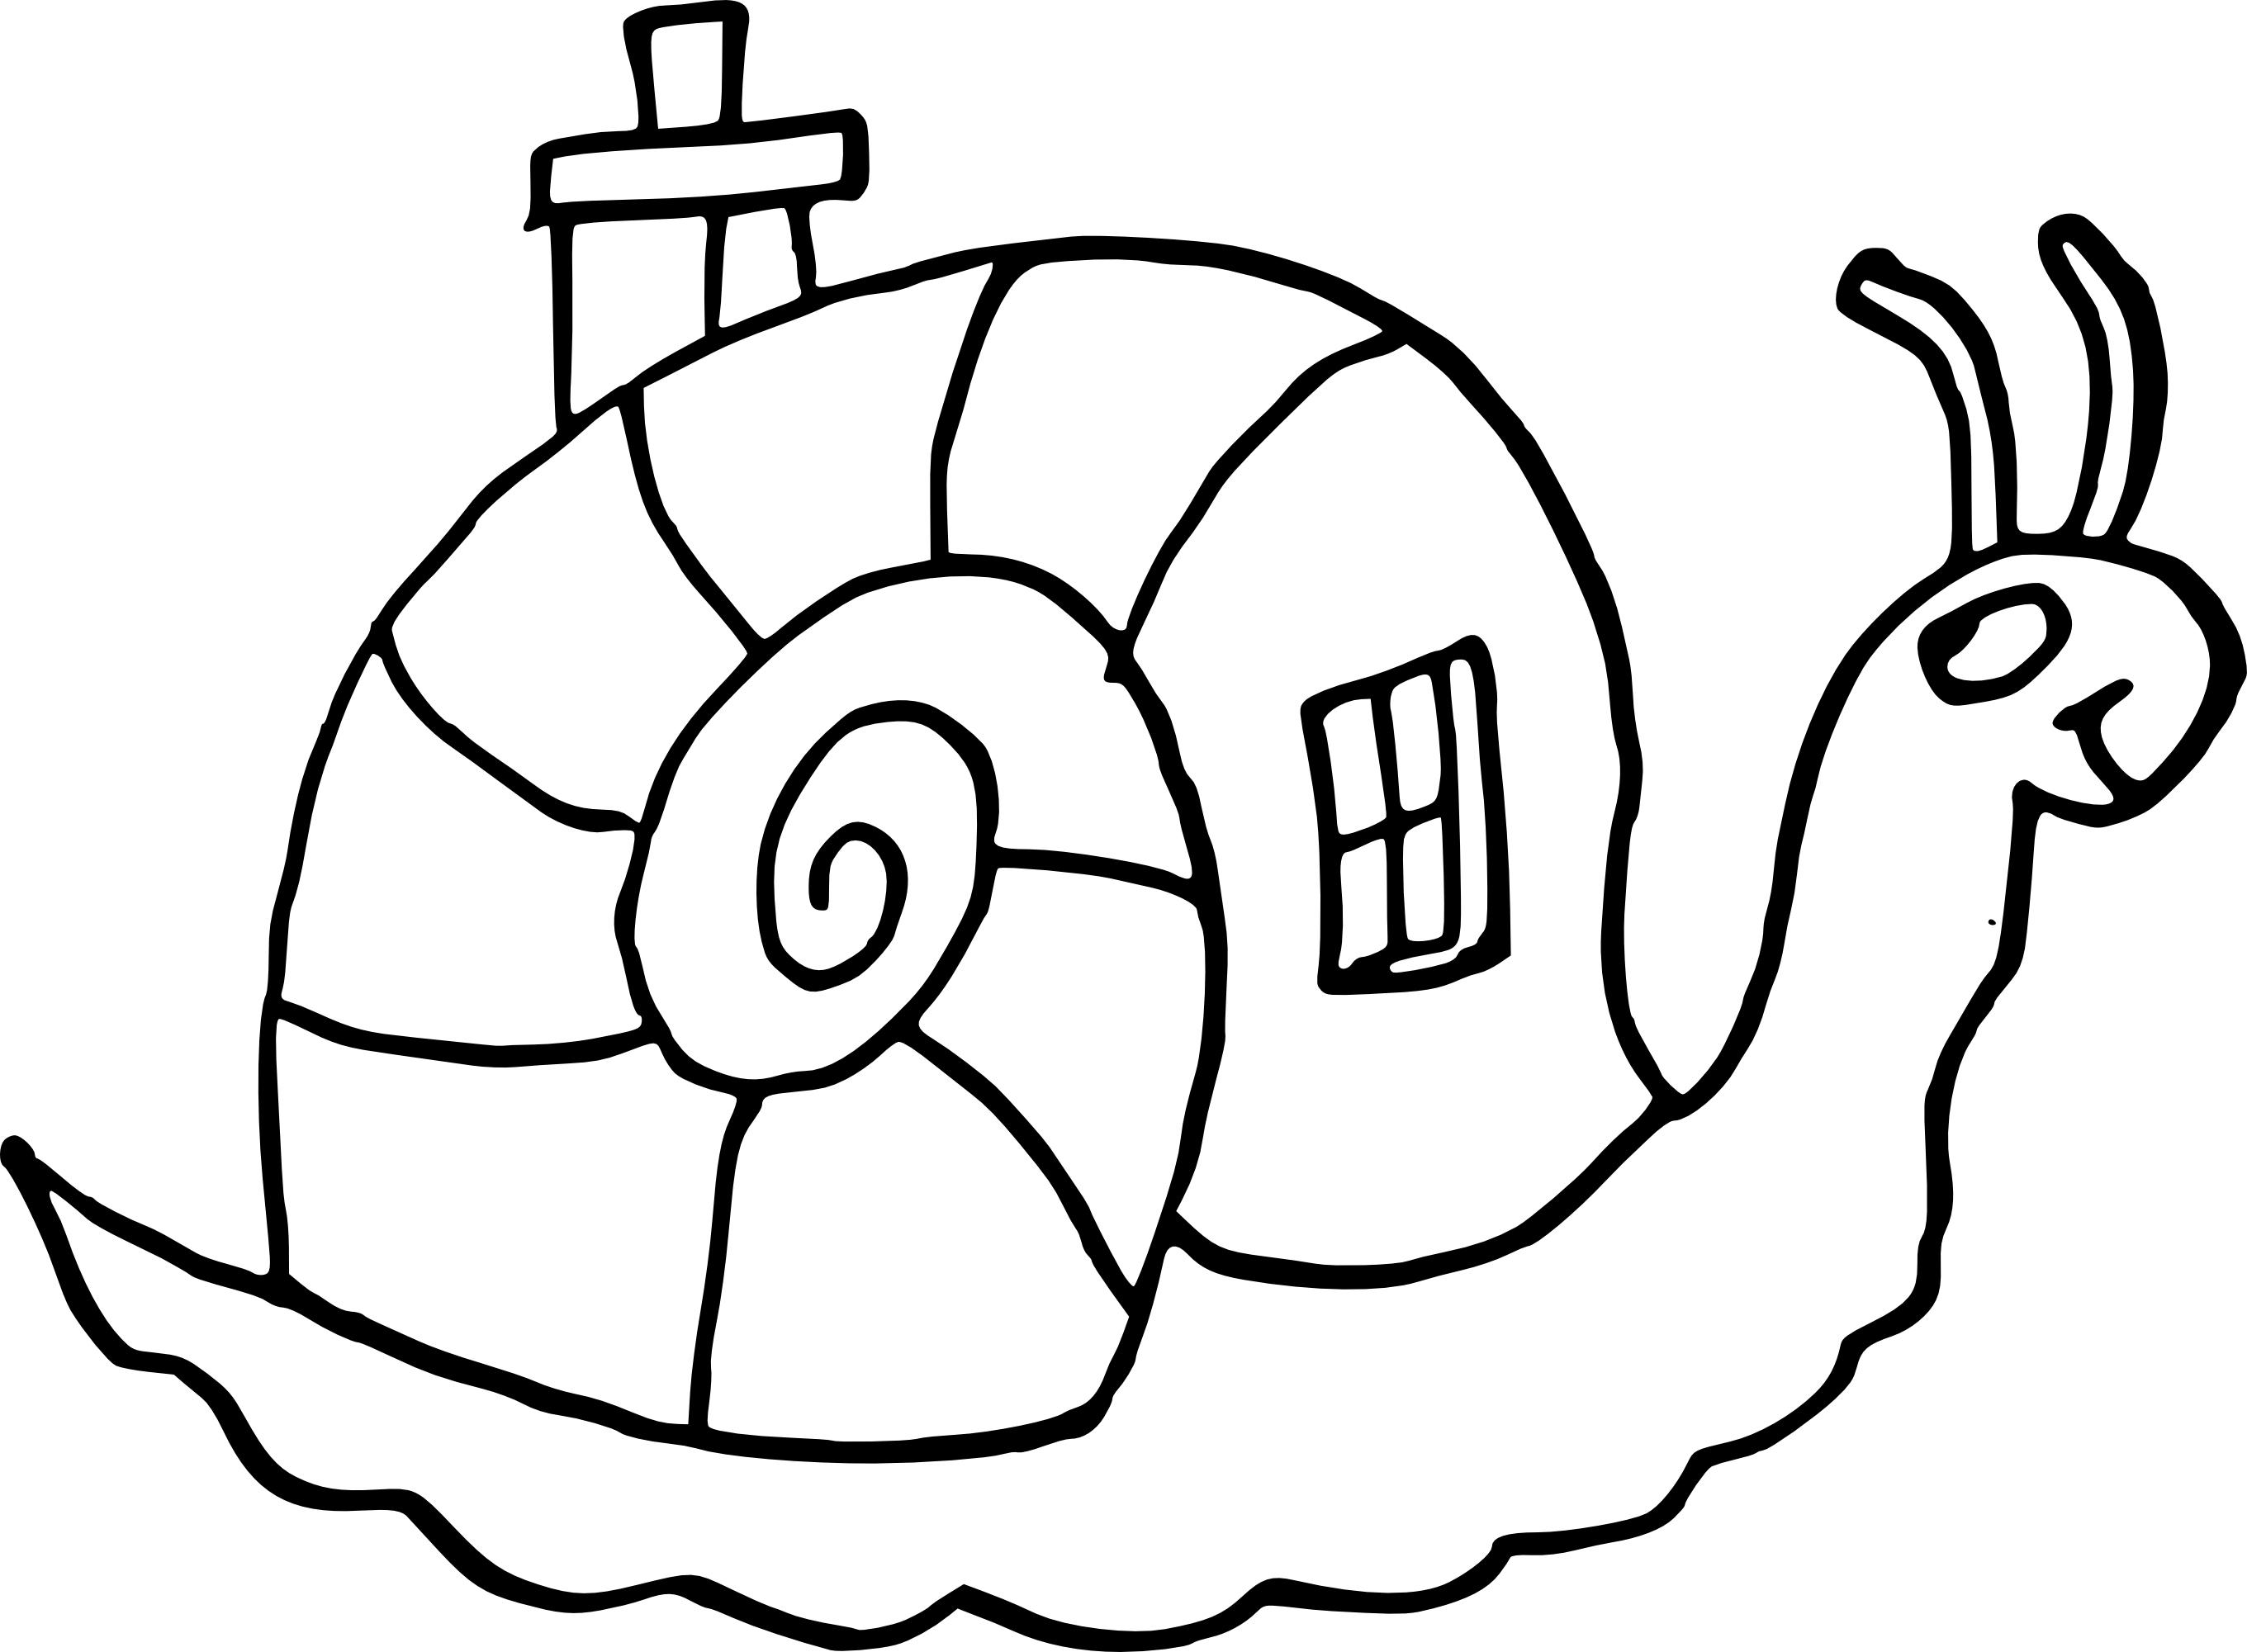 Coloriage Escargot A Imprimer Gratuit | My Blog dedans Coloriage A Imprimer Gratuits